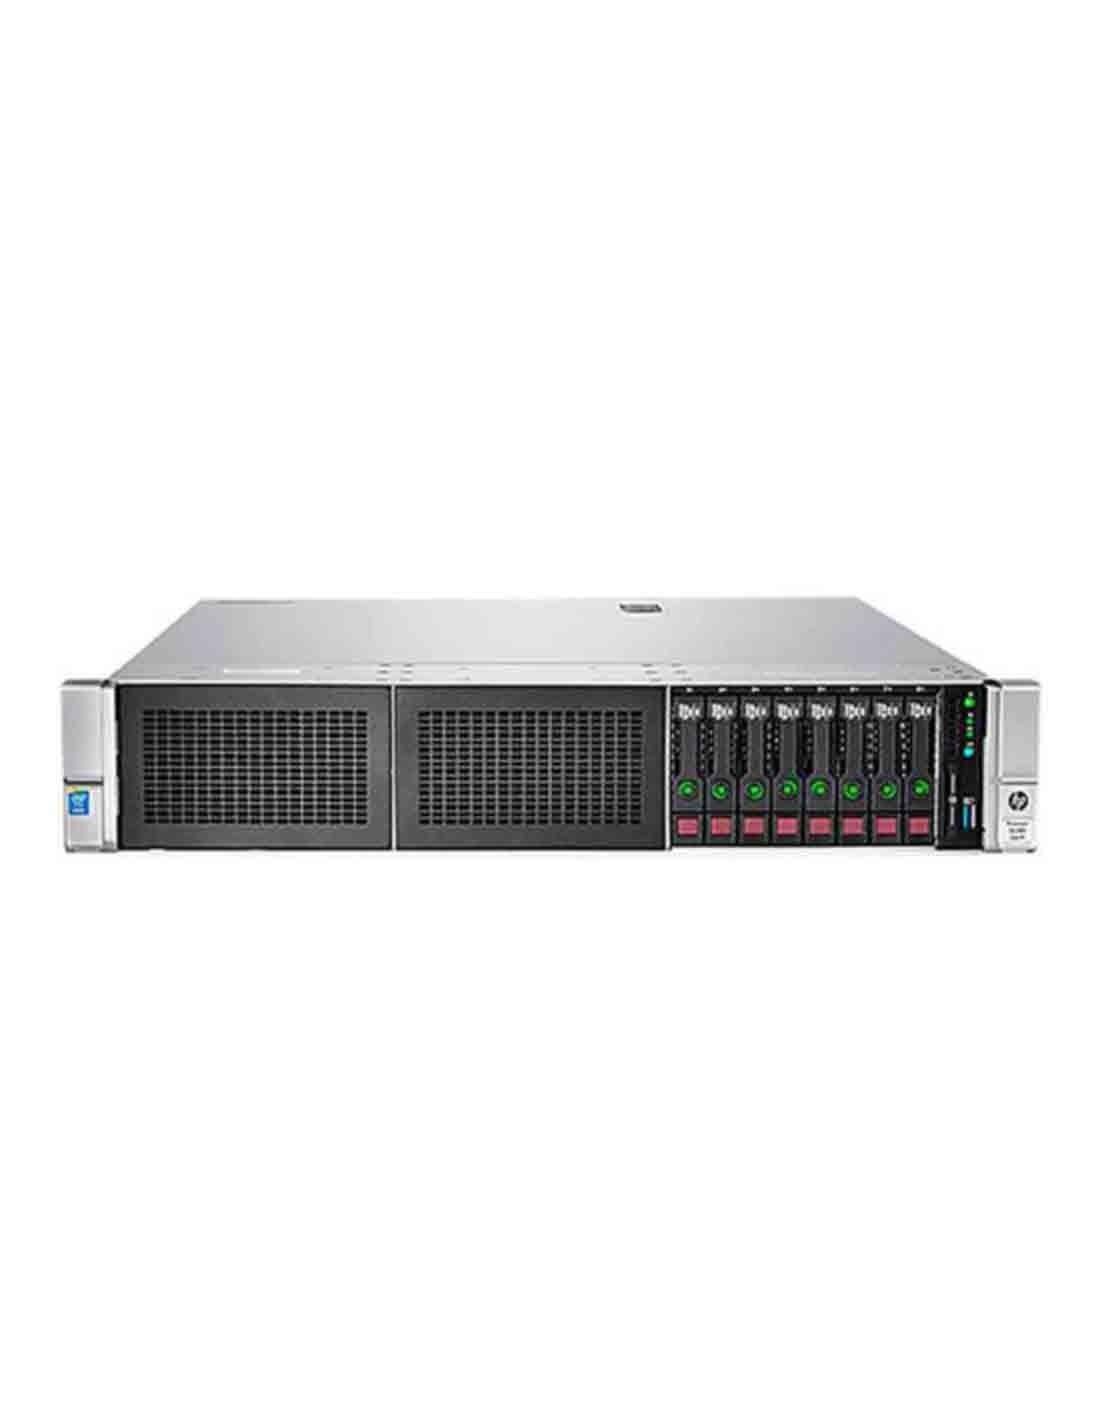 HP ProLiant DL380 Gen9 E5-2620v3 Server Middle East